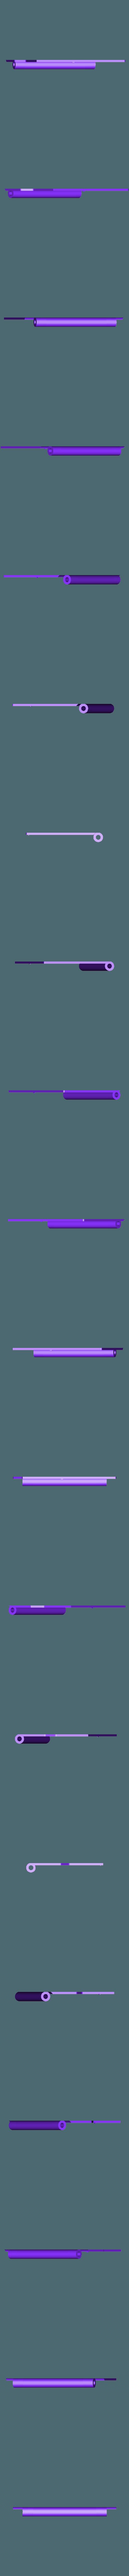 pokedex_adjusted2_Cover_1_4.stl Télécharger fichier STL gratuit Pokedex • Modèle pour impression 3D, reakain